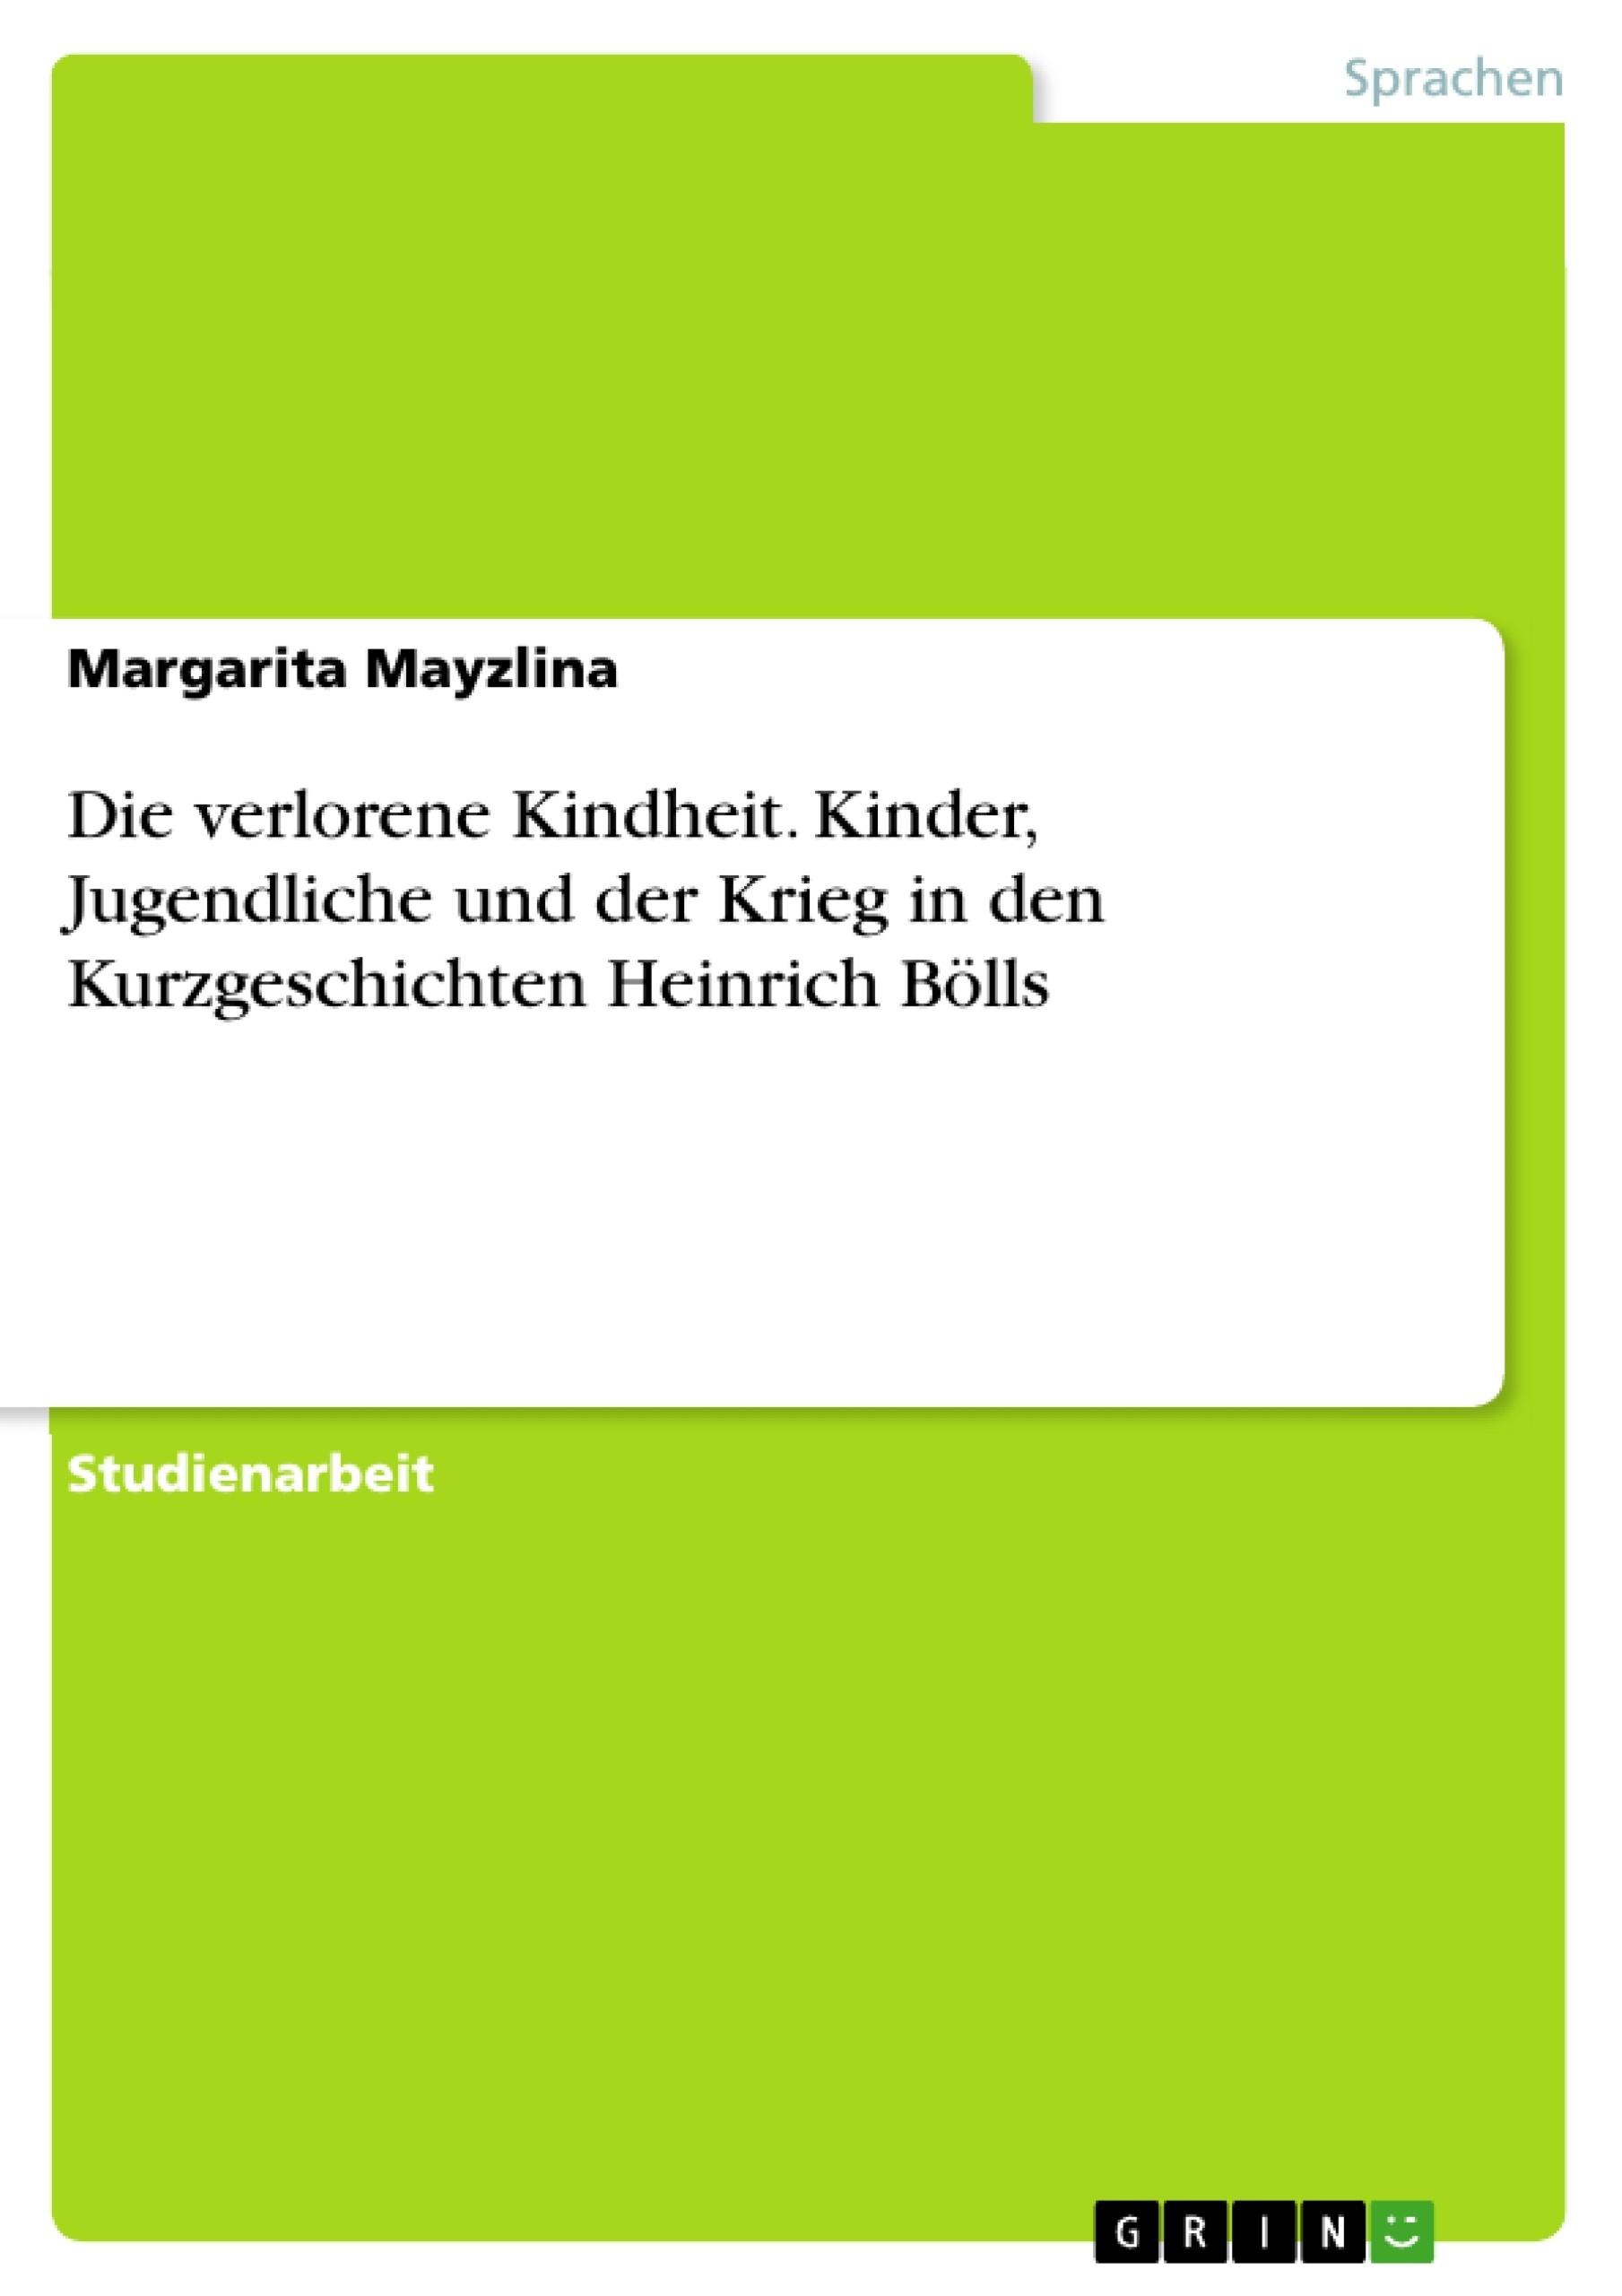 Titel: Die verlorene Kindheit. Kinder, Jugendliche und der Krieg in den Kurzgeschichten Heinrich Bölls